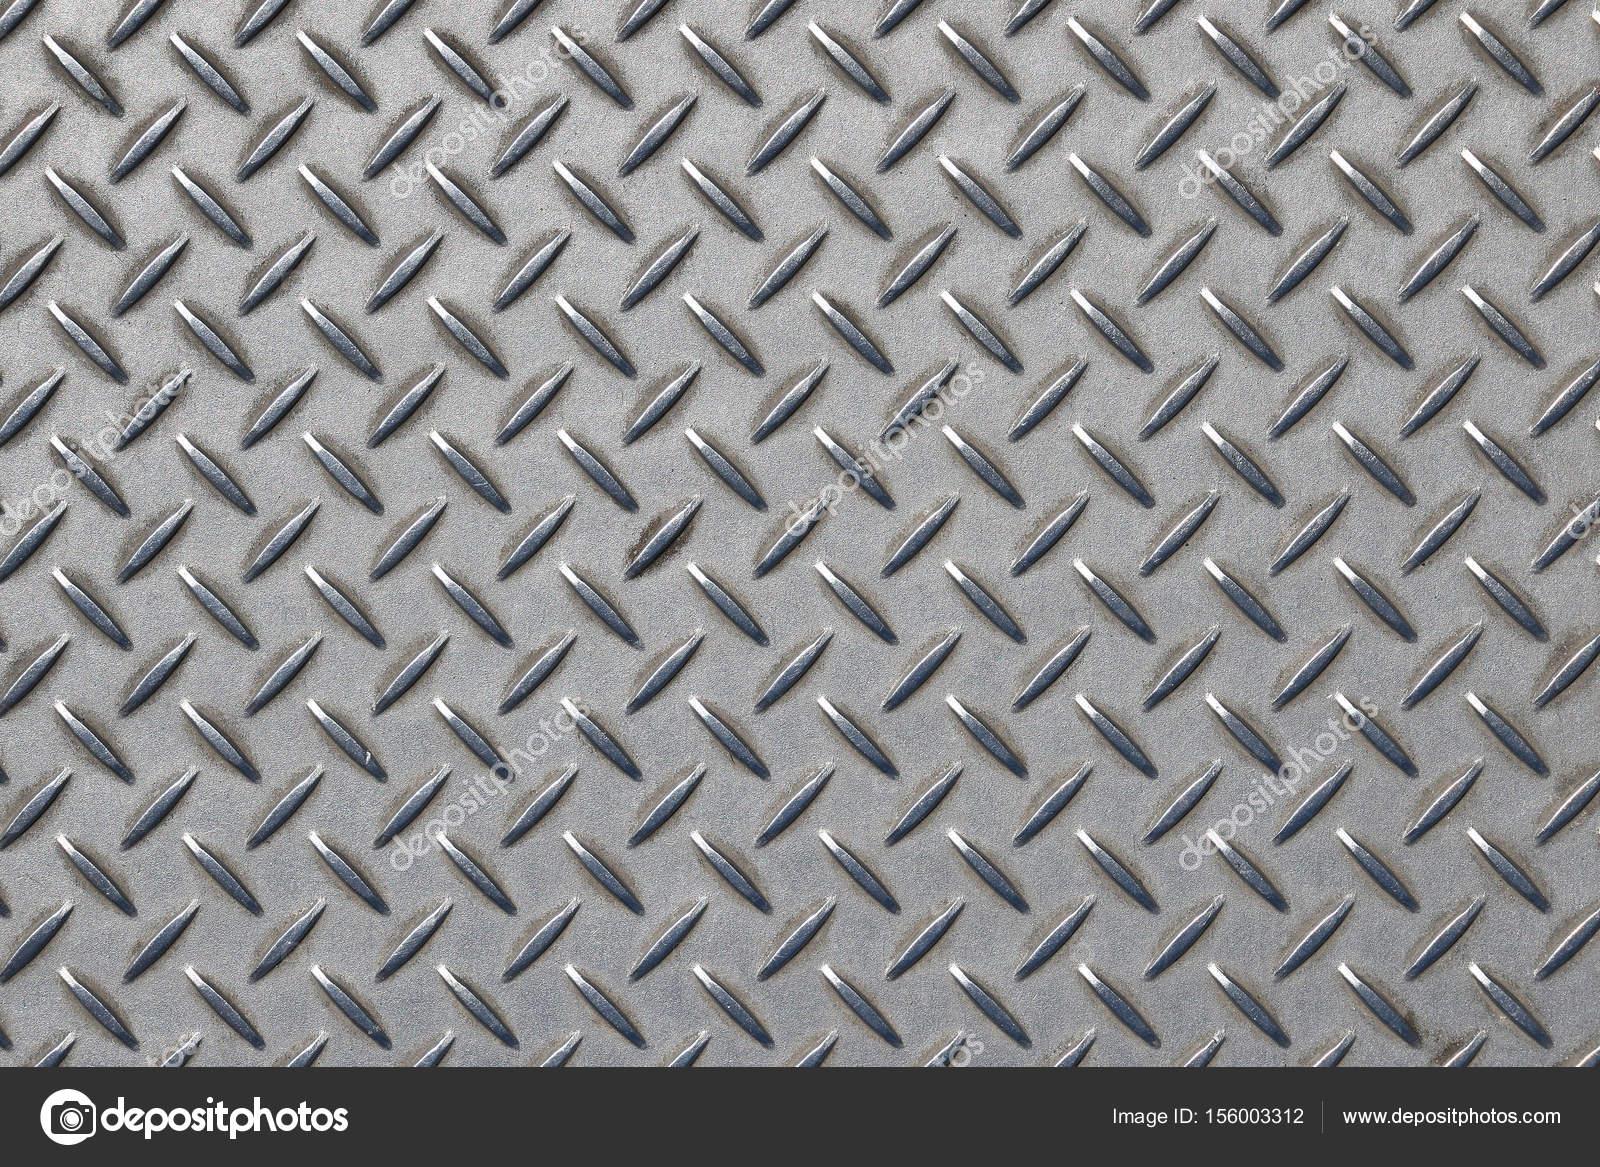 Deslizamiento chapa gris con rombos foto de stock for Chapa antideslizante